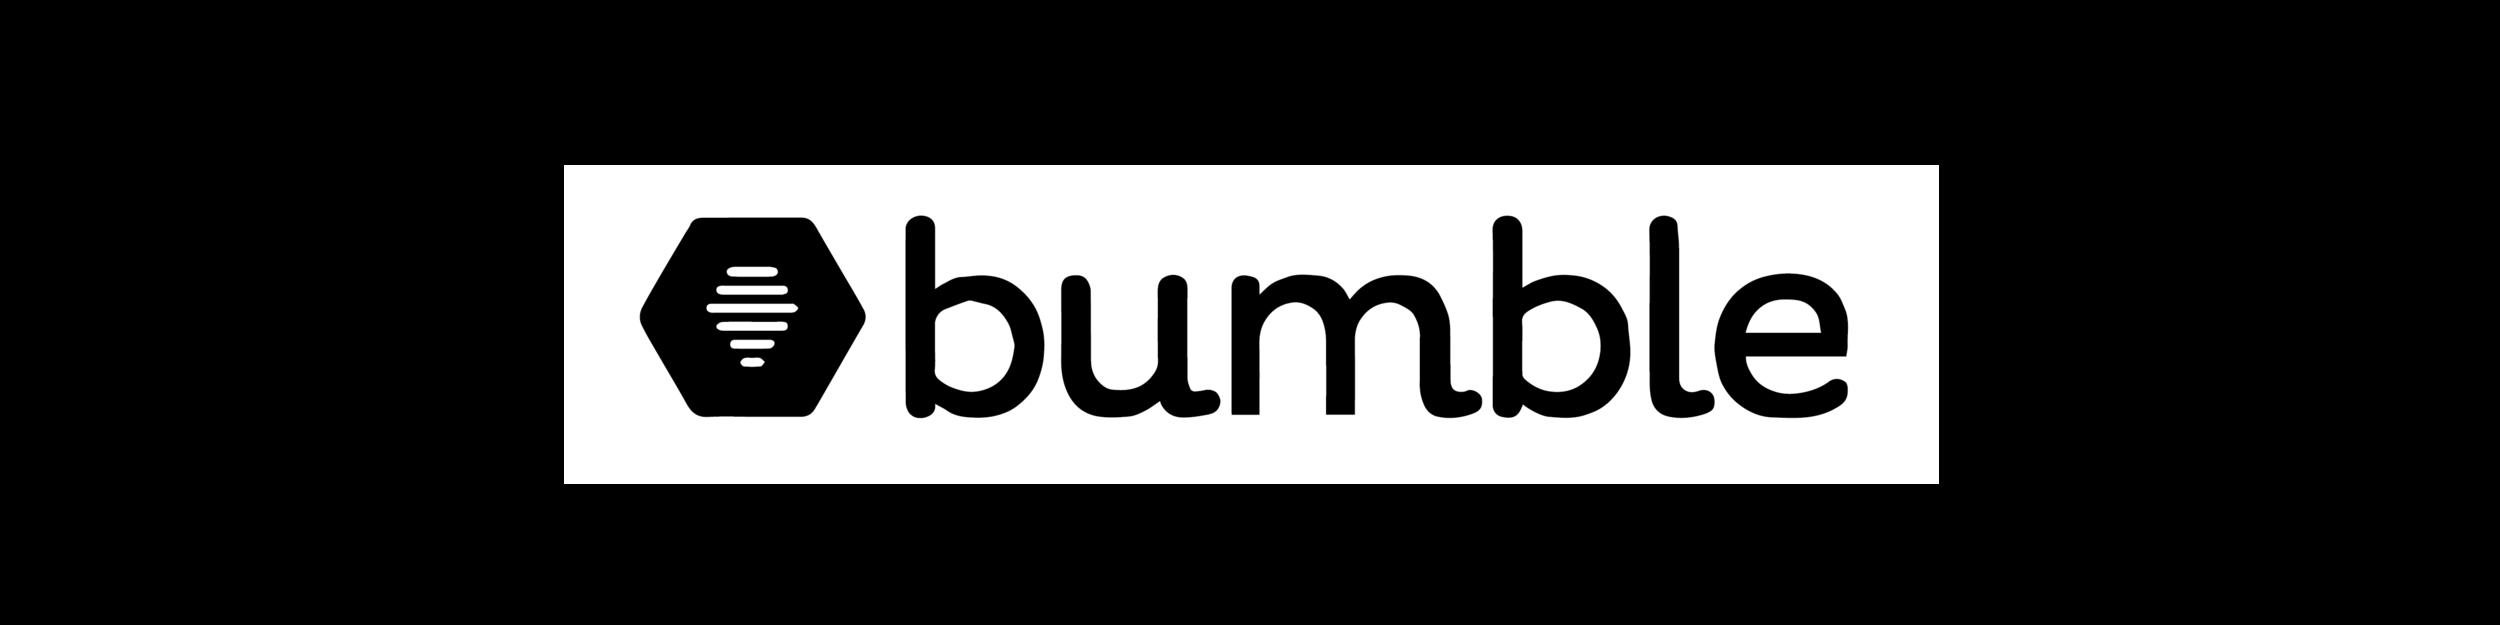 bumble logo website-01.png